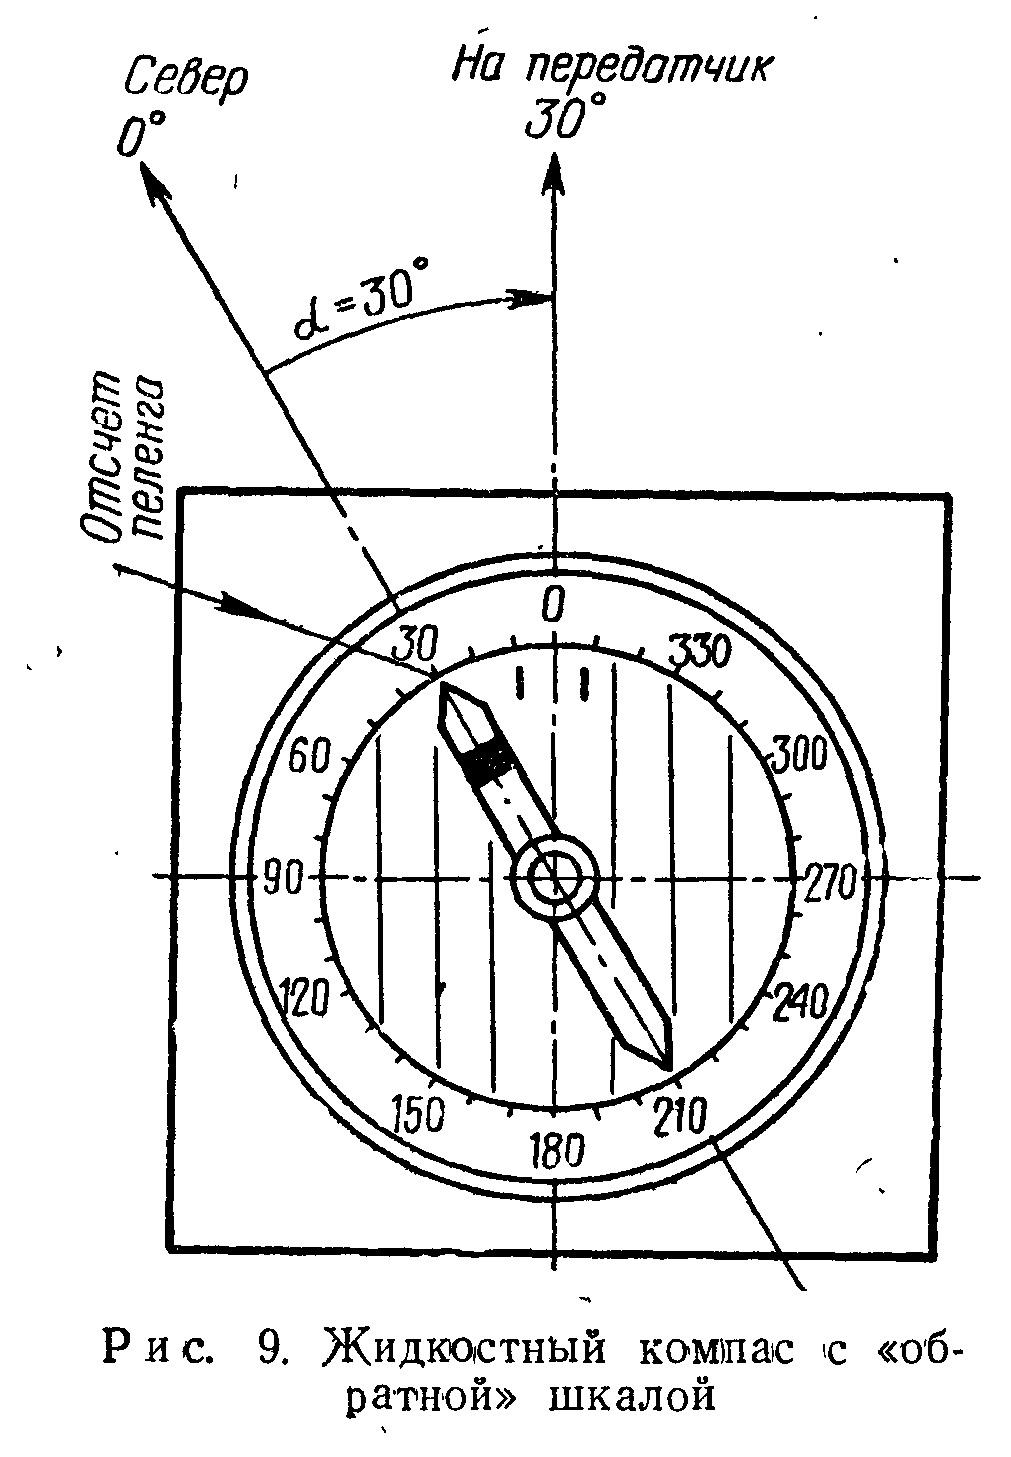 Использование компаса с обратной шкалой в радиоориентировании